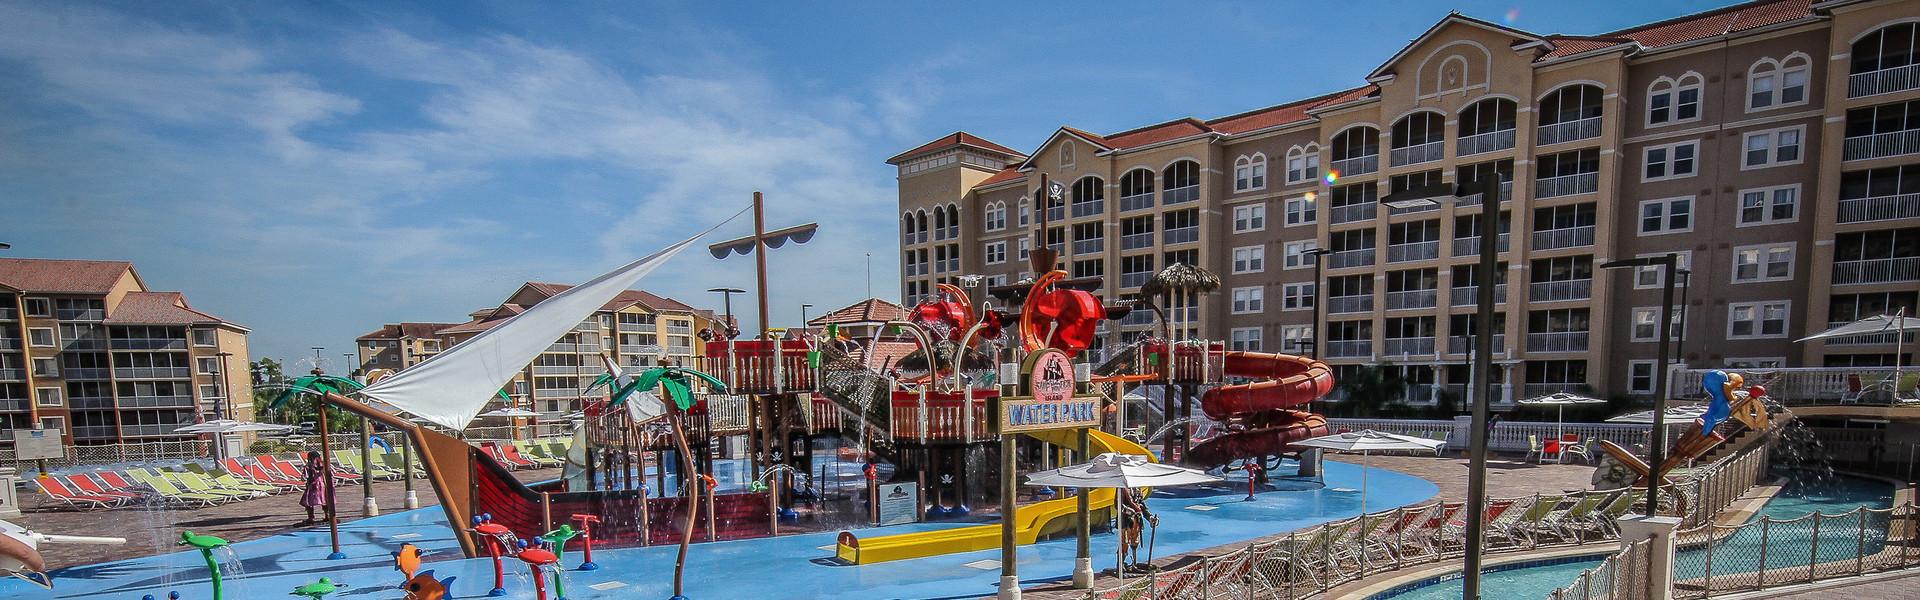 Water Park Attractions   Westgate Vacation Villas Resort & Spa